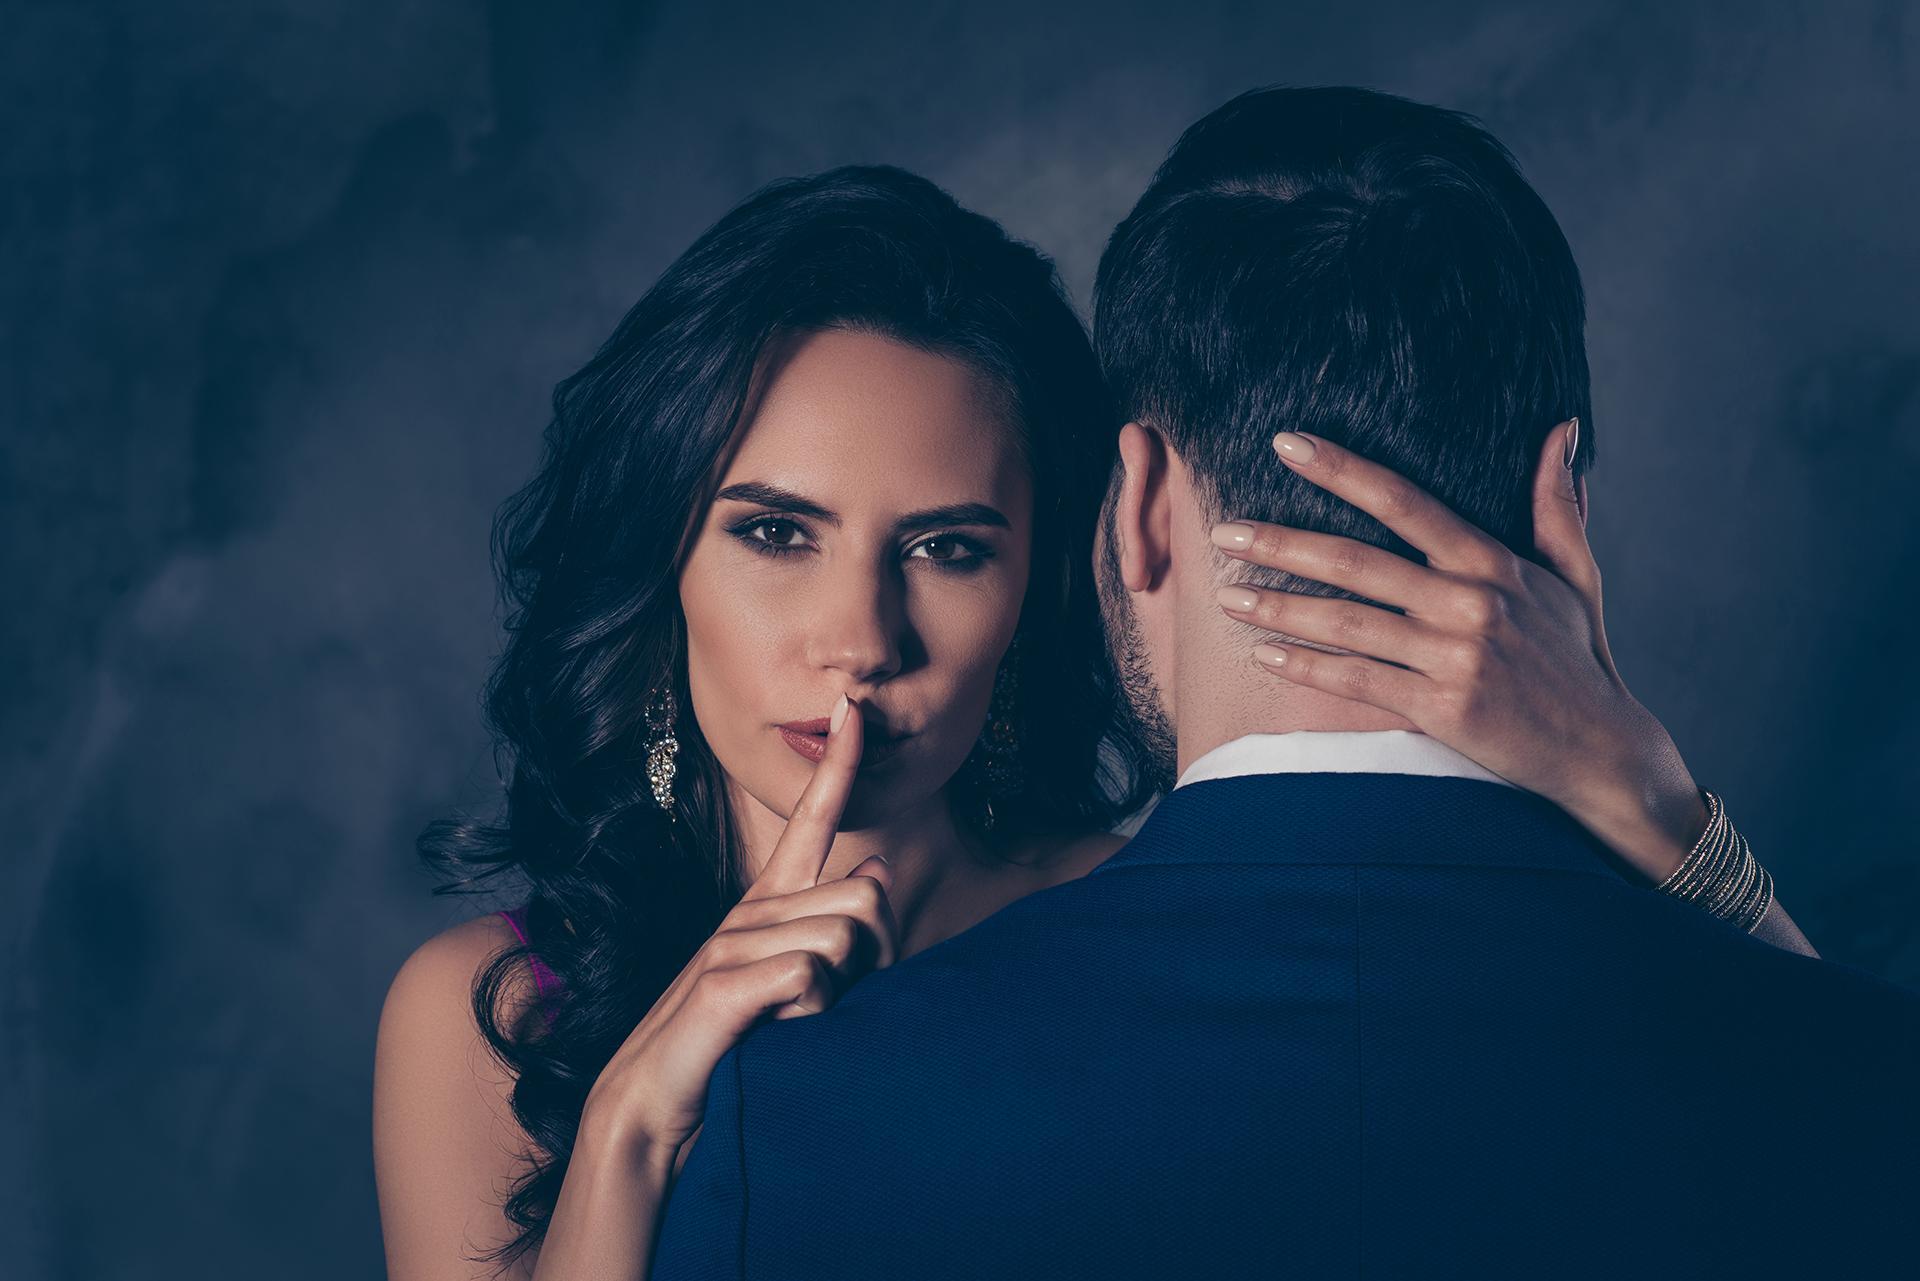 Bild von einer Dame, die einen Callboy gebucht hat und mit dem Zeigefinger auf dem Mund signalisiert, dass dieses Callboy Abenteuer ein Geheimnis bleiben wird.